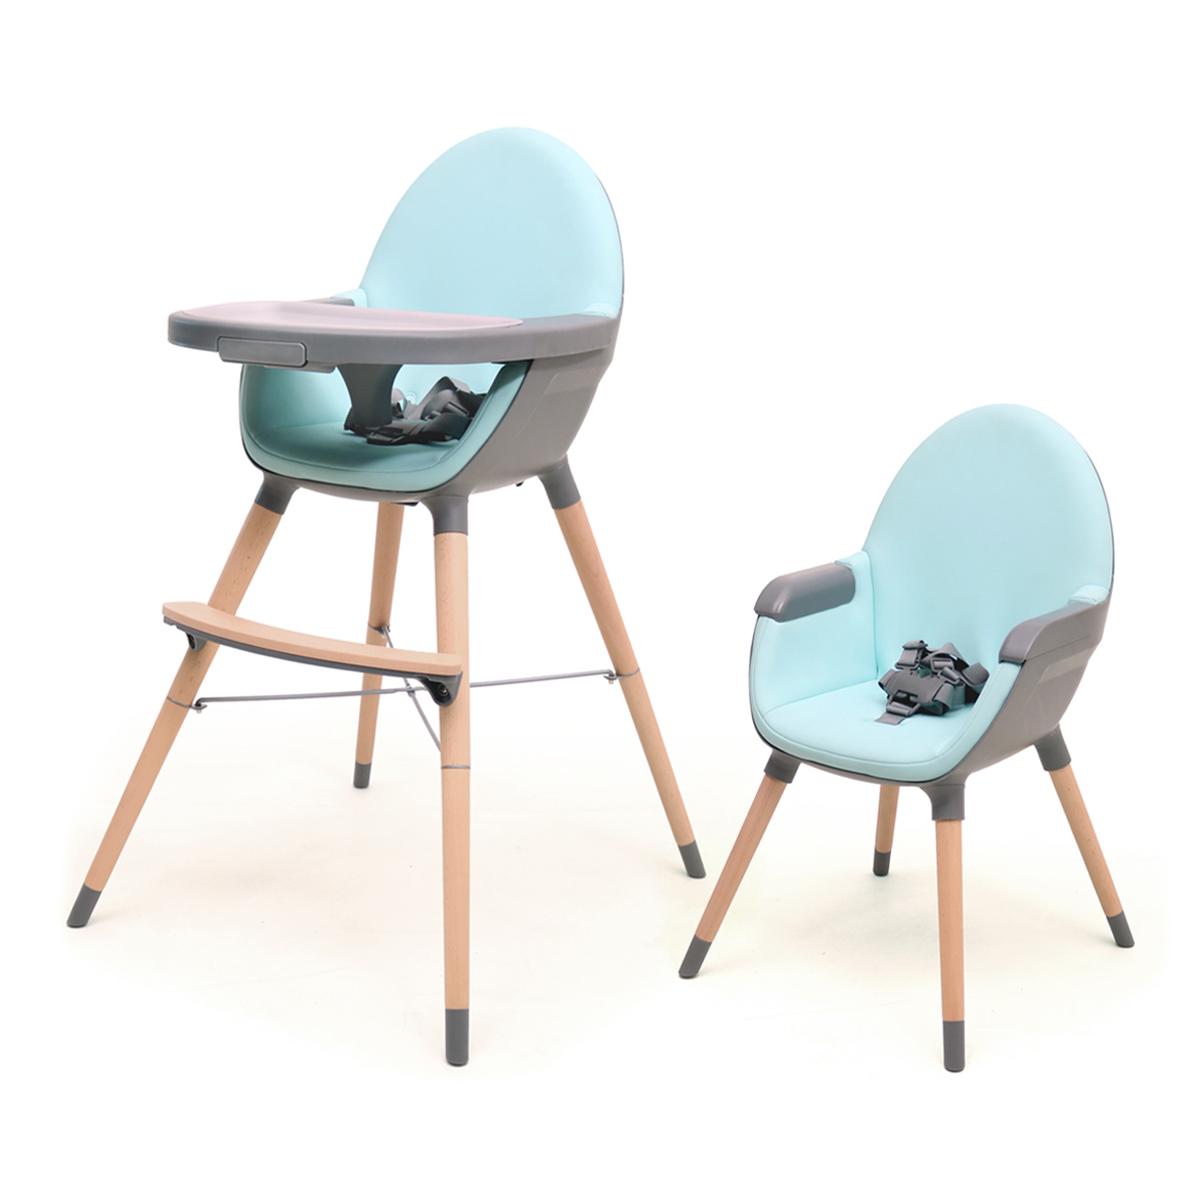 Chaise haute évolutive AT4 Essentiel - Bleu et gris